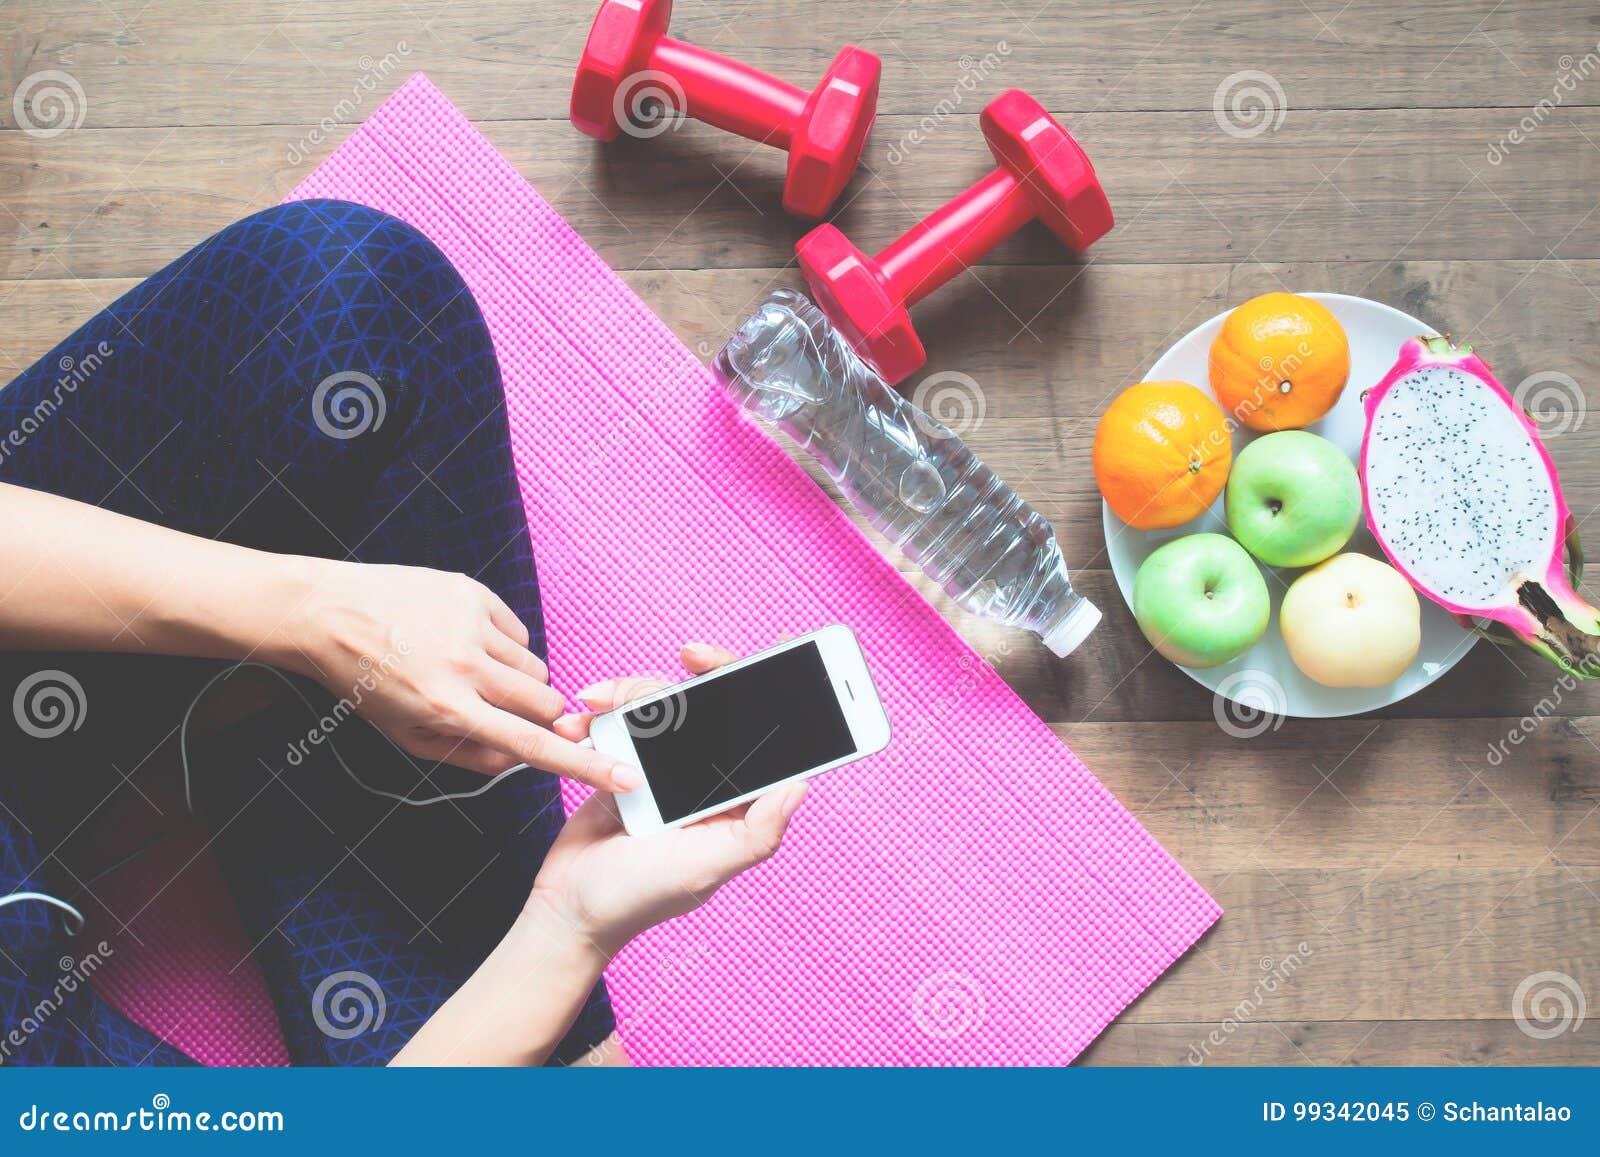 Άμεσα ανωτέρω της γυναίκας στον ιματισμό ικανότητας που χρησιμοποιεί το κινητό τηλέφωνο με τους αθλητικούς εξοπλισμούς και τα φρο